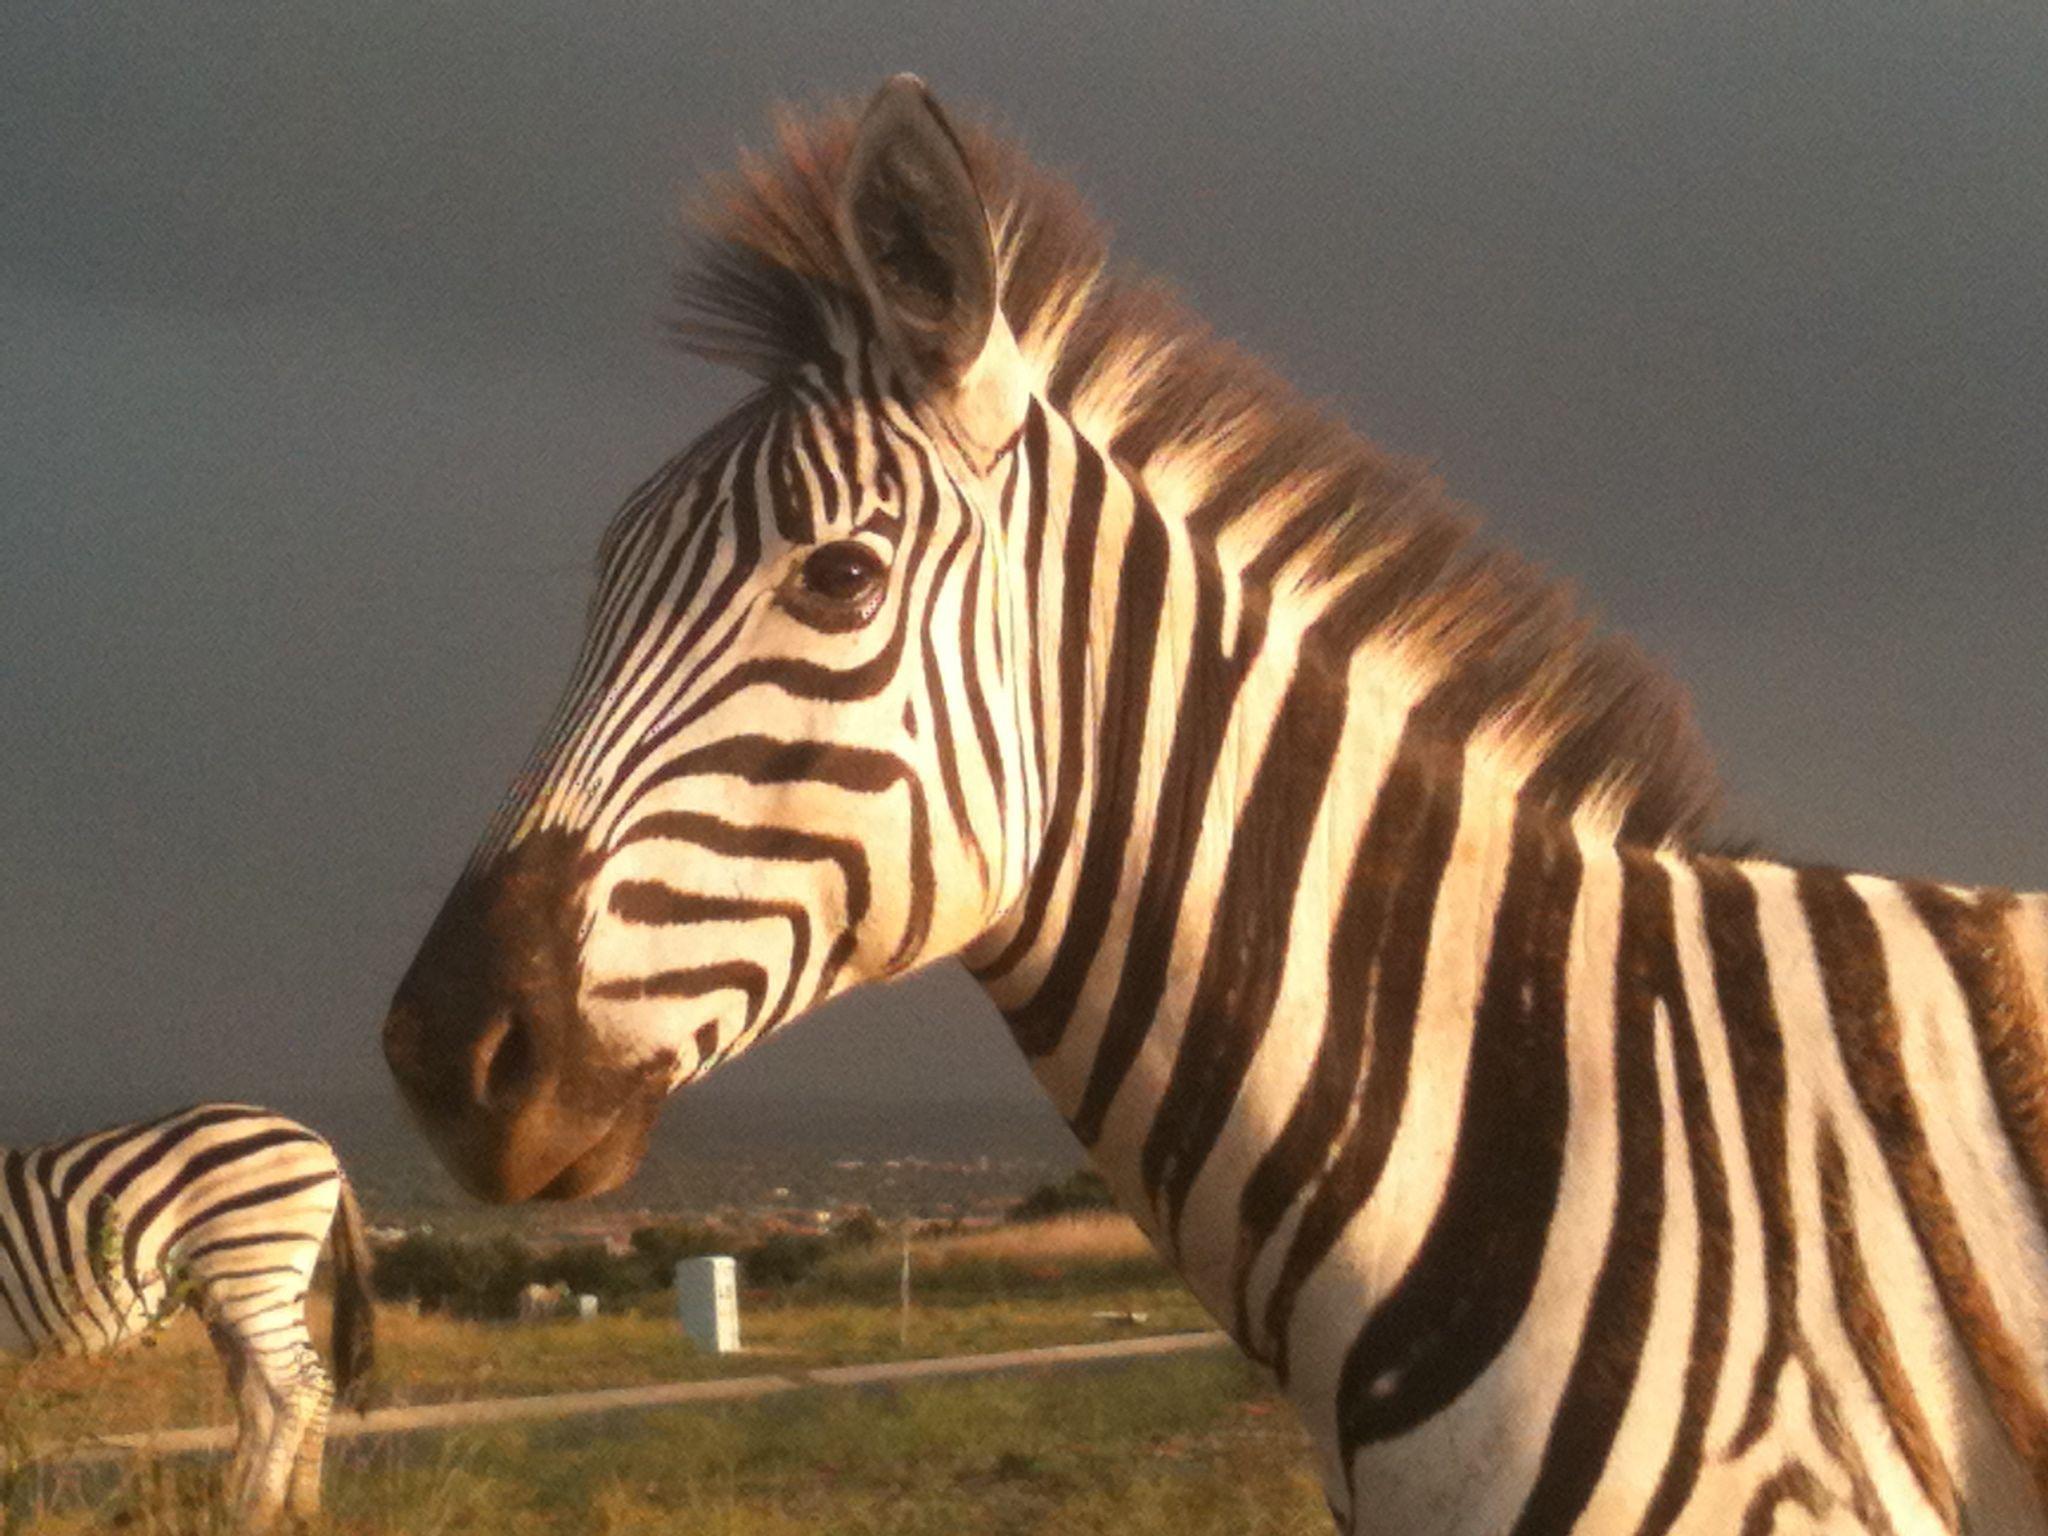 Zebra face profile - photo#8